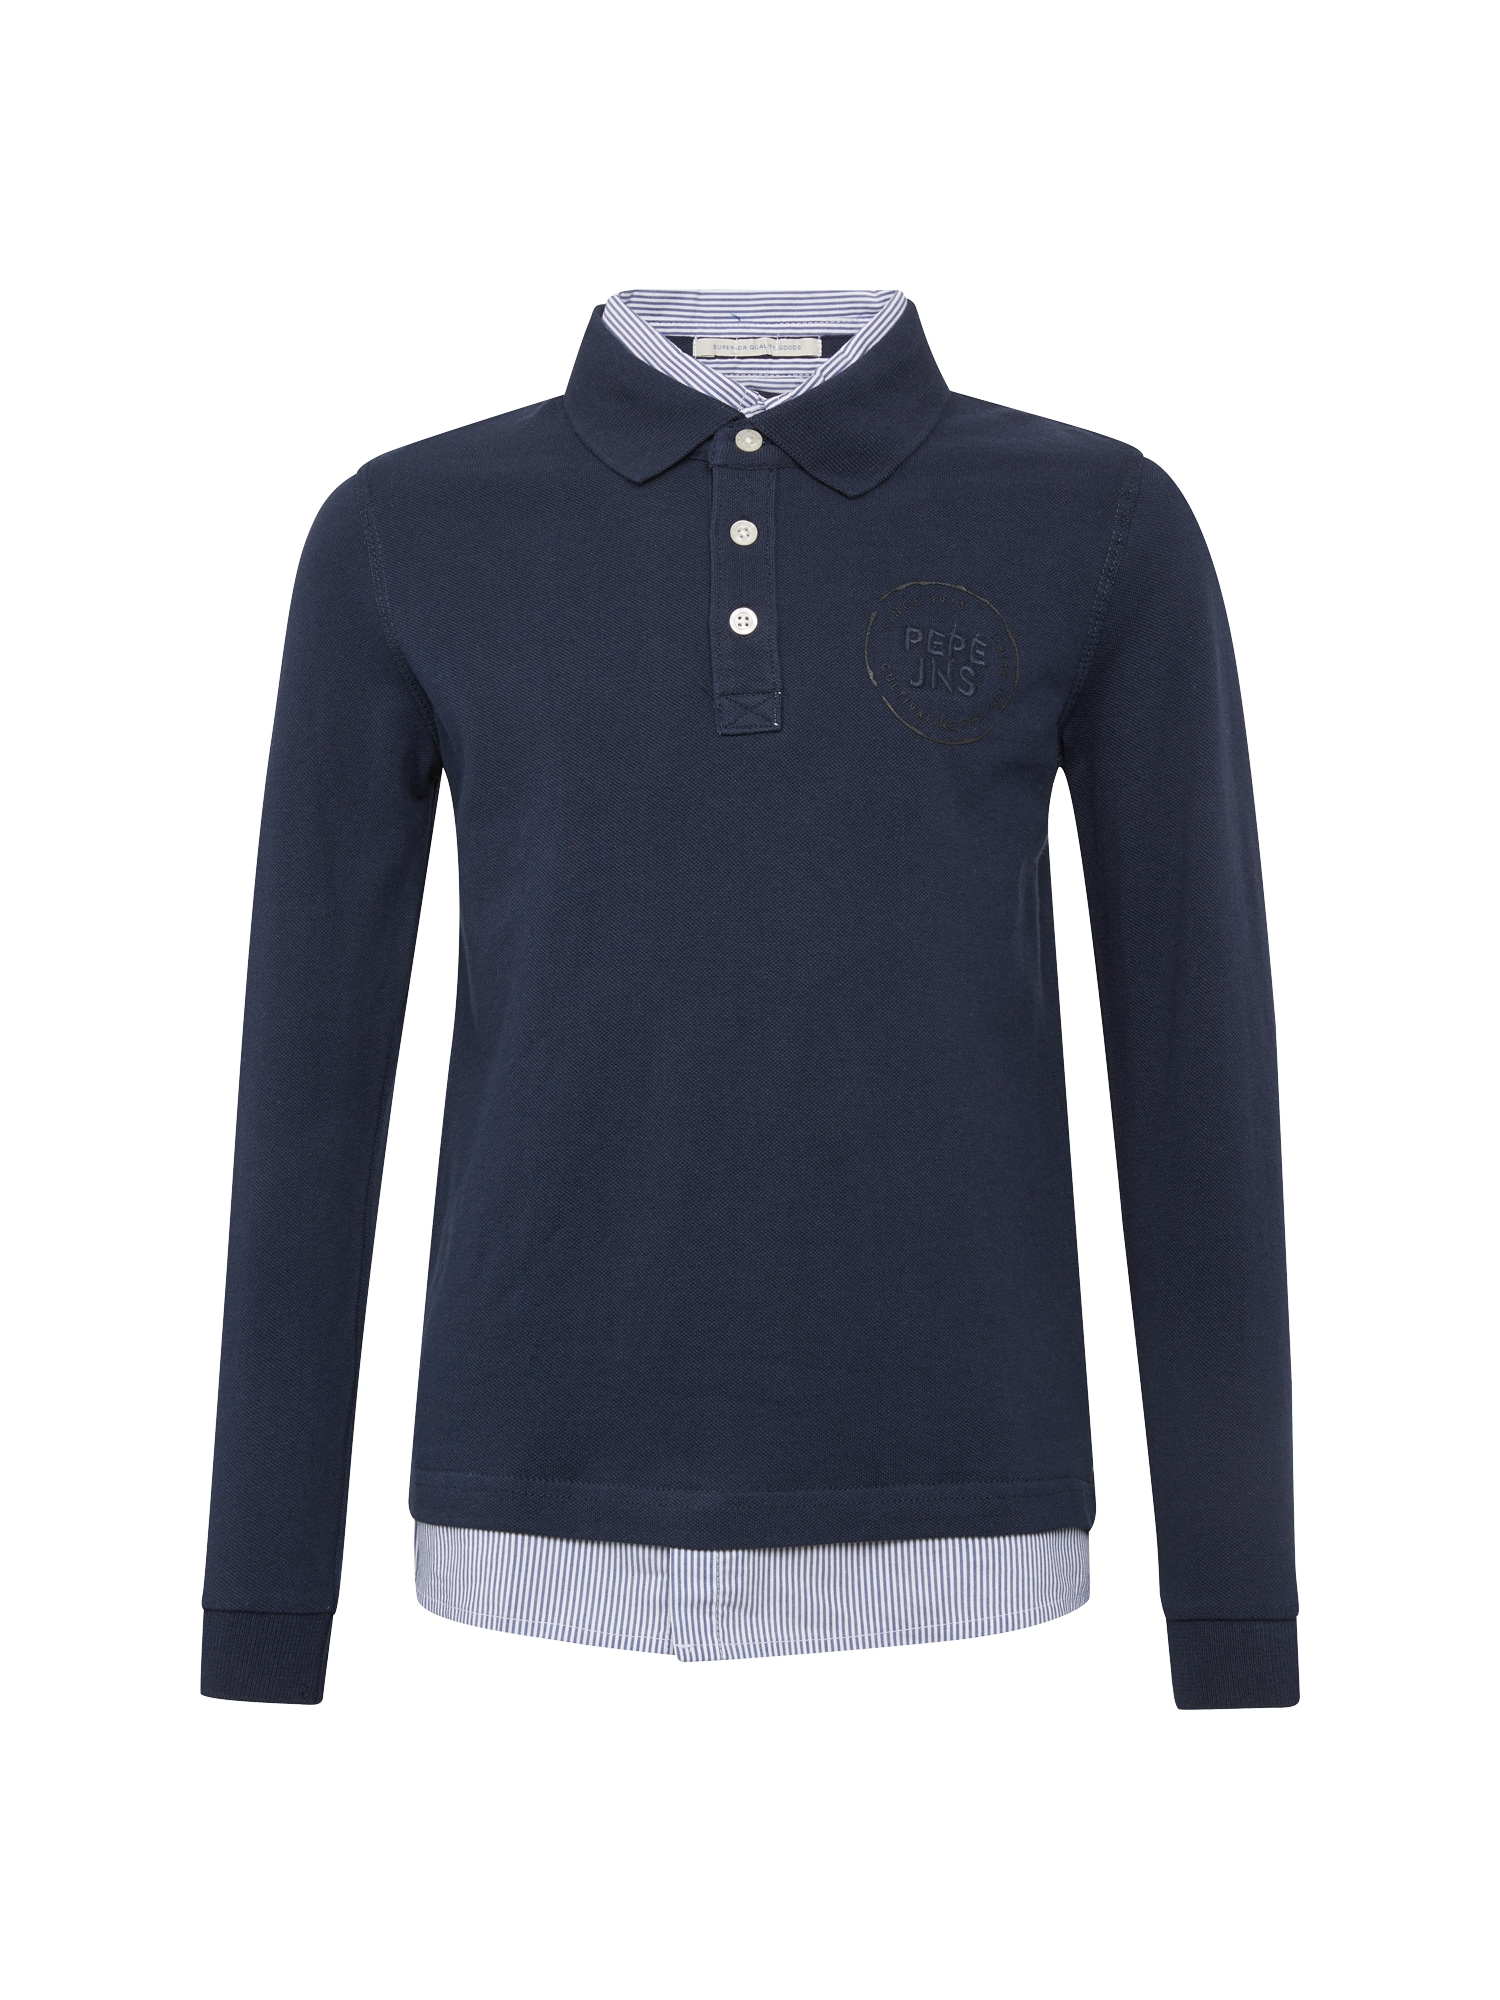 Pepe Jeans Jongens Shirt OWEN JR navy